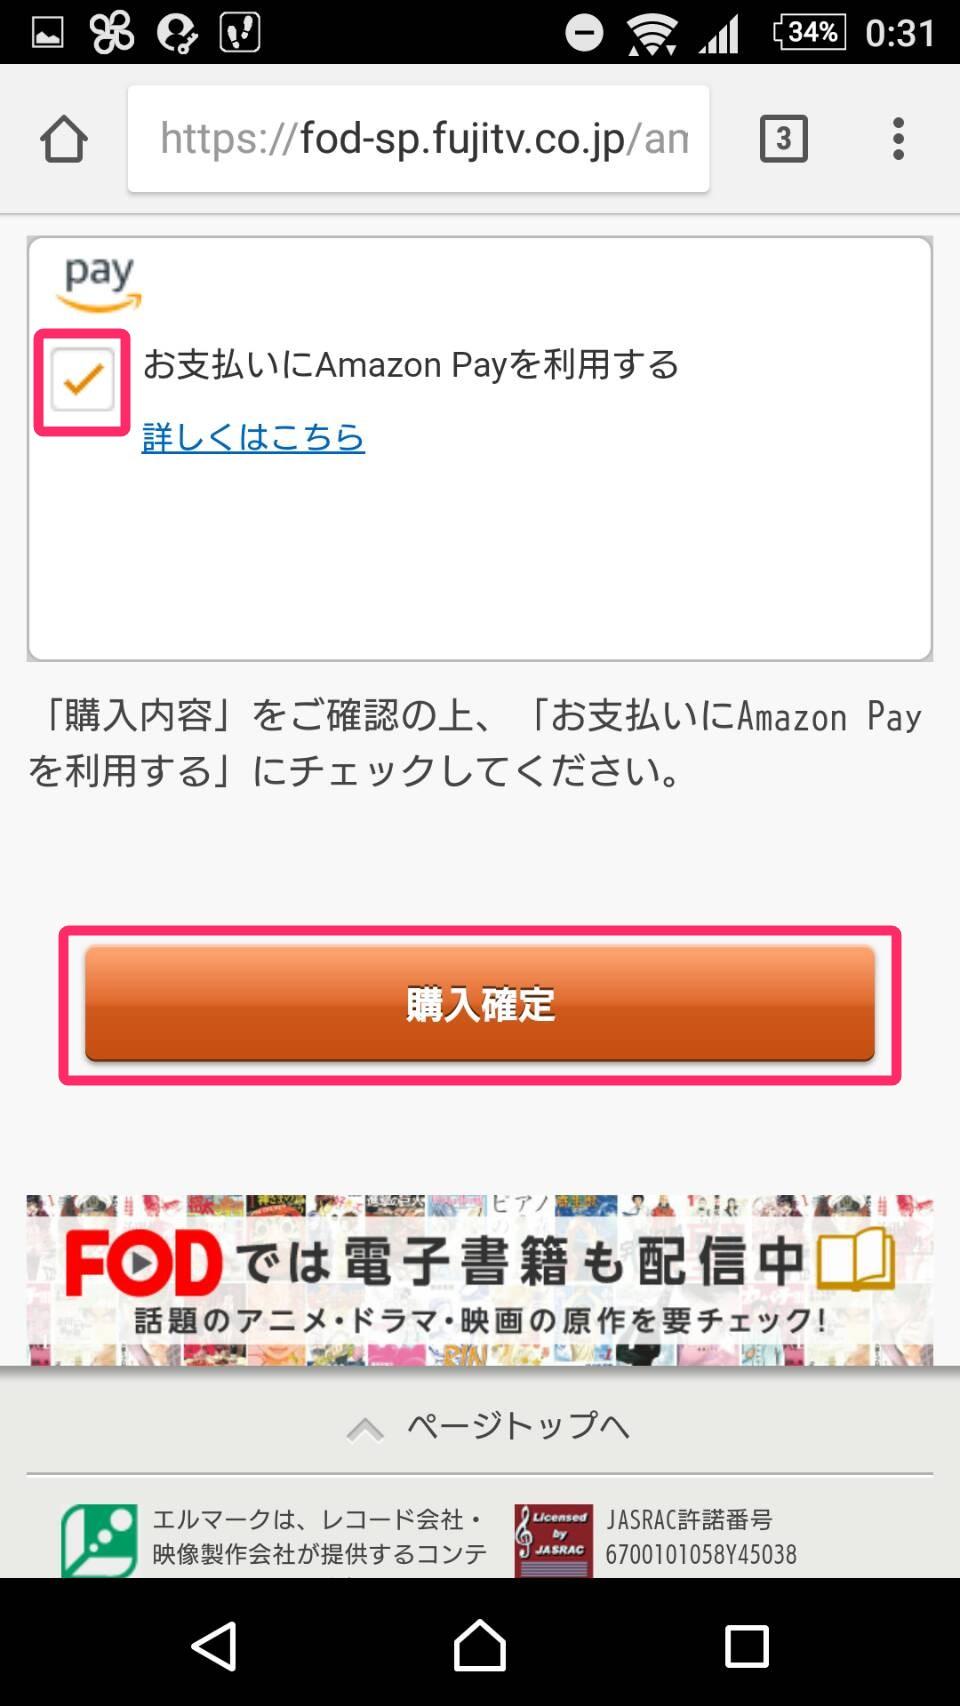 お支払いにAmazonPayを利用するの選択と購入確定画面の画像